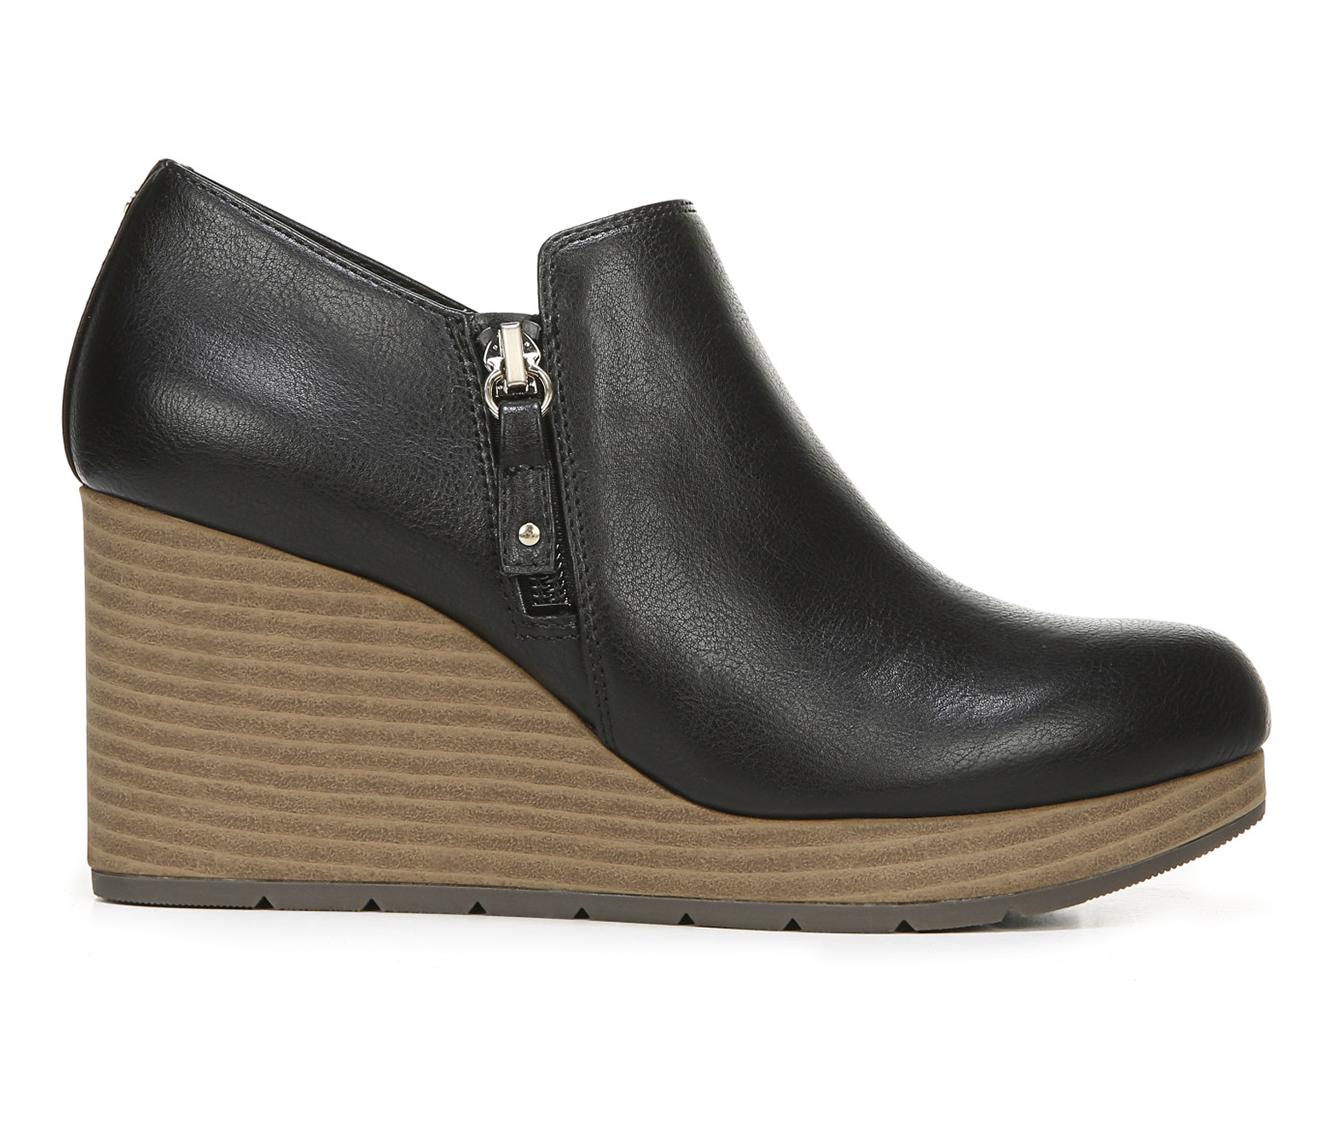 Dr. Scholls Whats Up Women's Shoe (Black Faux Leather)